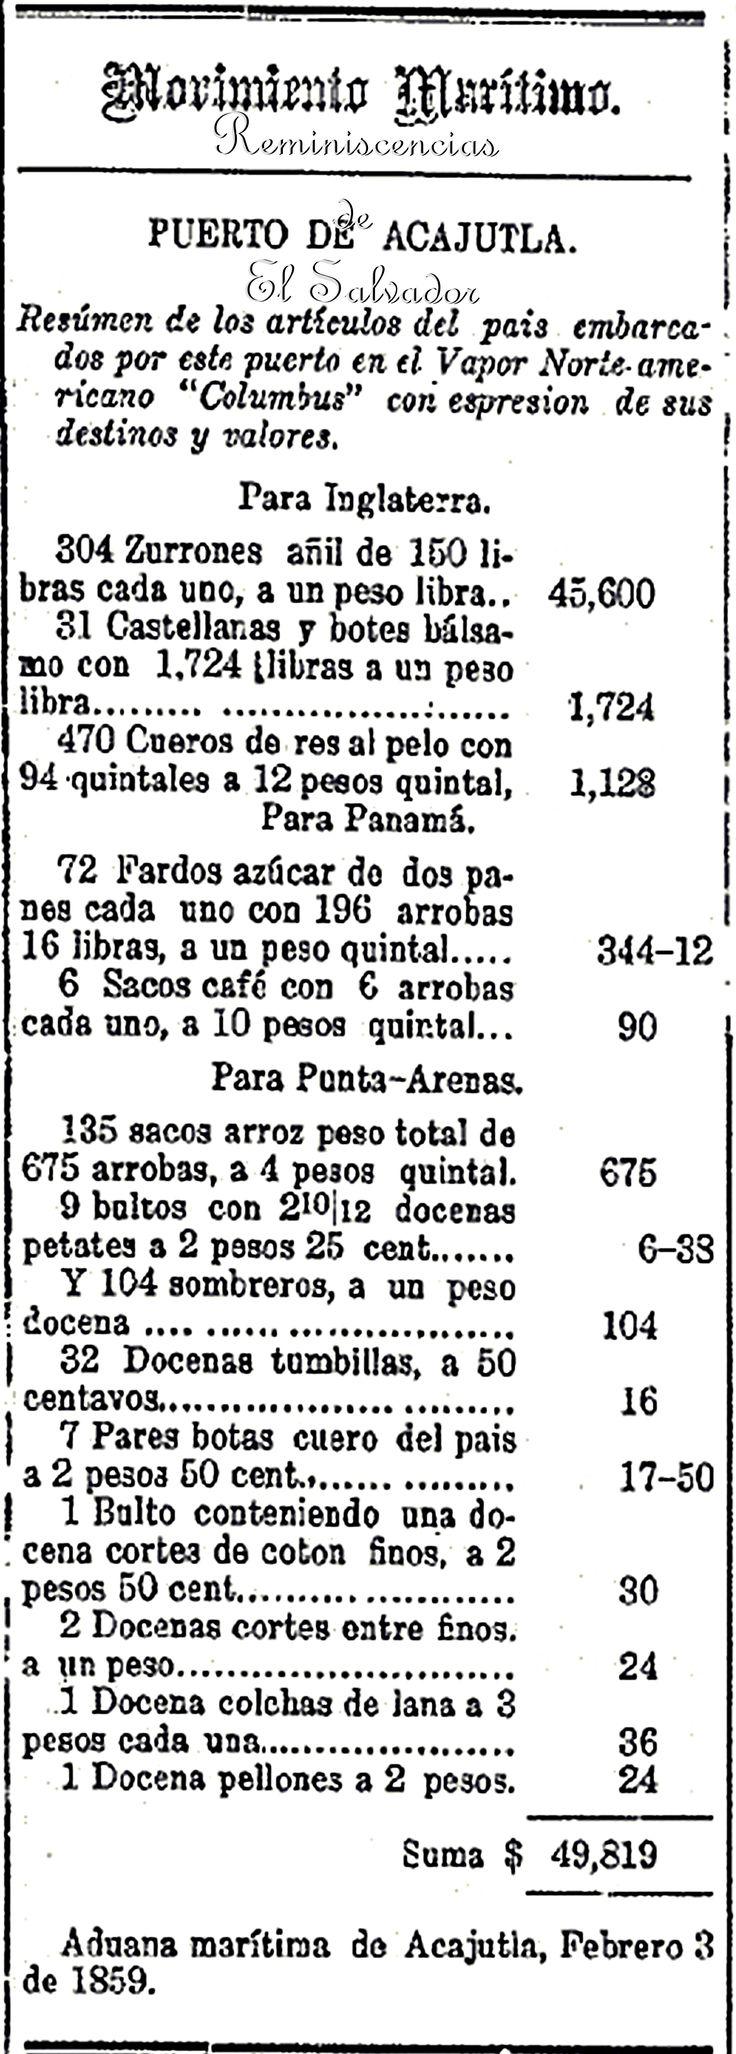 Aduana marítima de Acajutla, Febrero 3 de 1859 Movimiento Maritimo Puerto de Acajutla,  Gaceta del Salvador, 1859